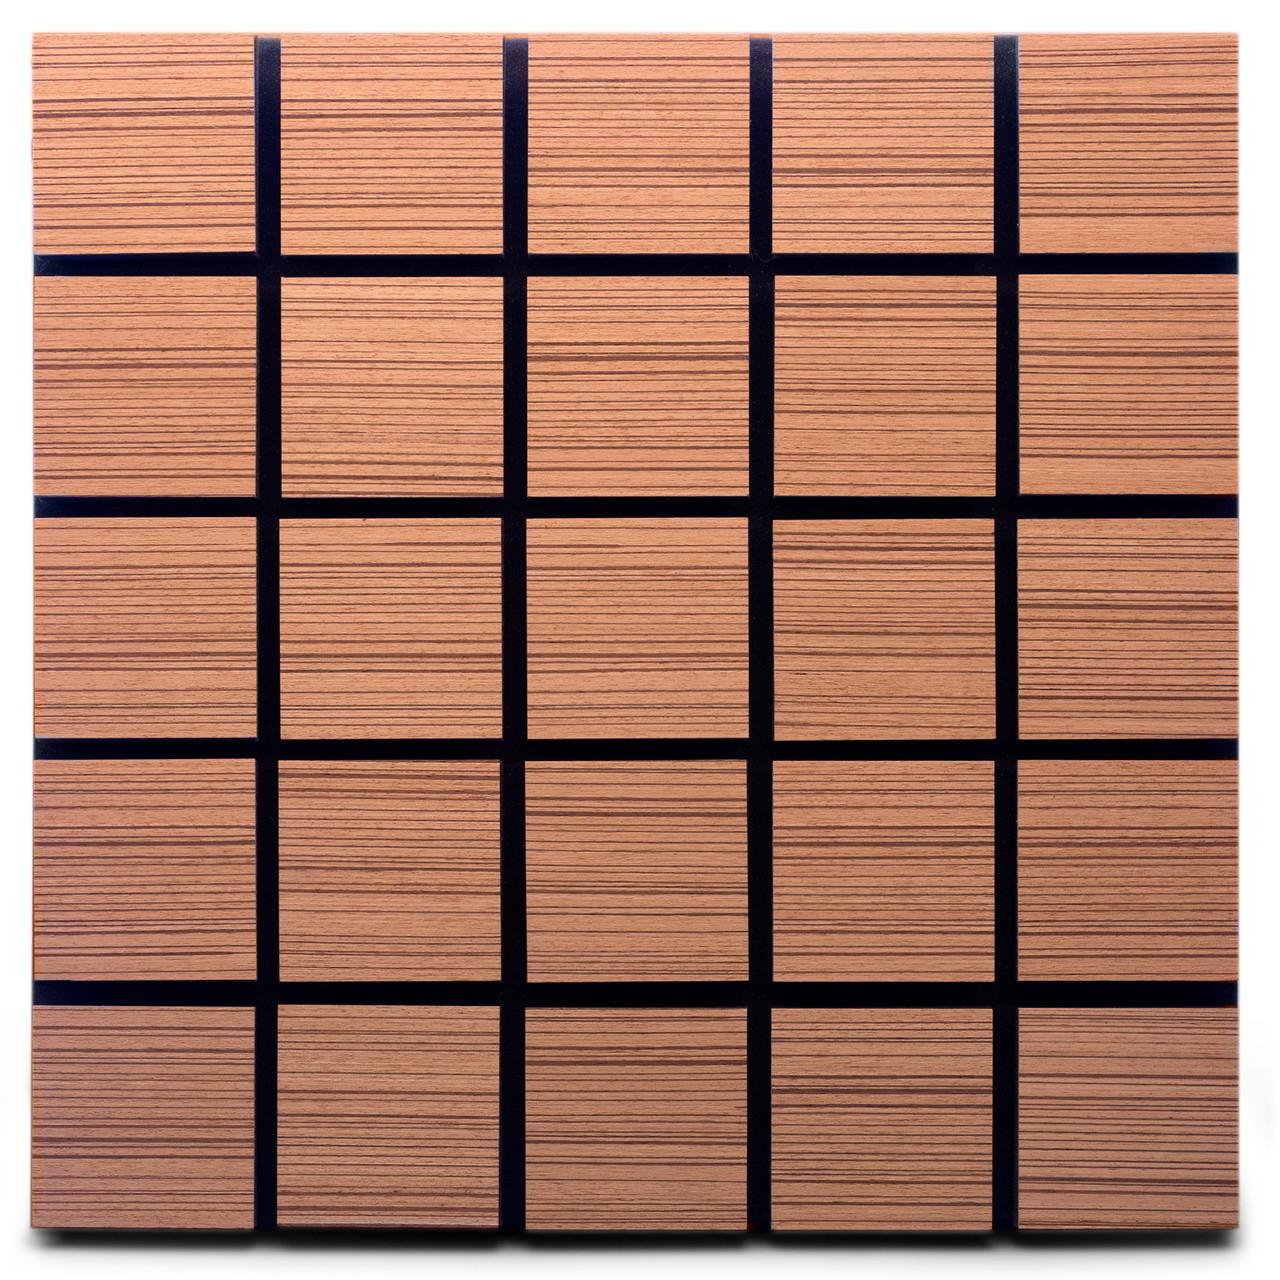 Акустическая панель Ecosound Tetras Rosewood 50x50см 73мм цвет коричневый